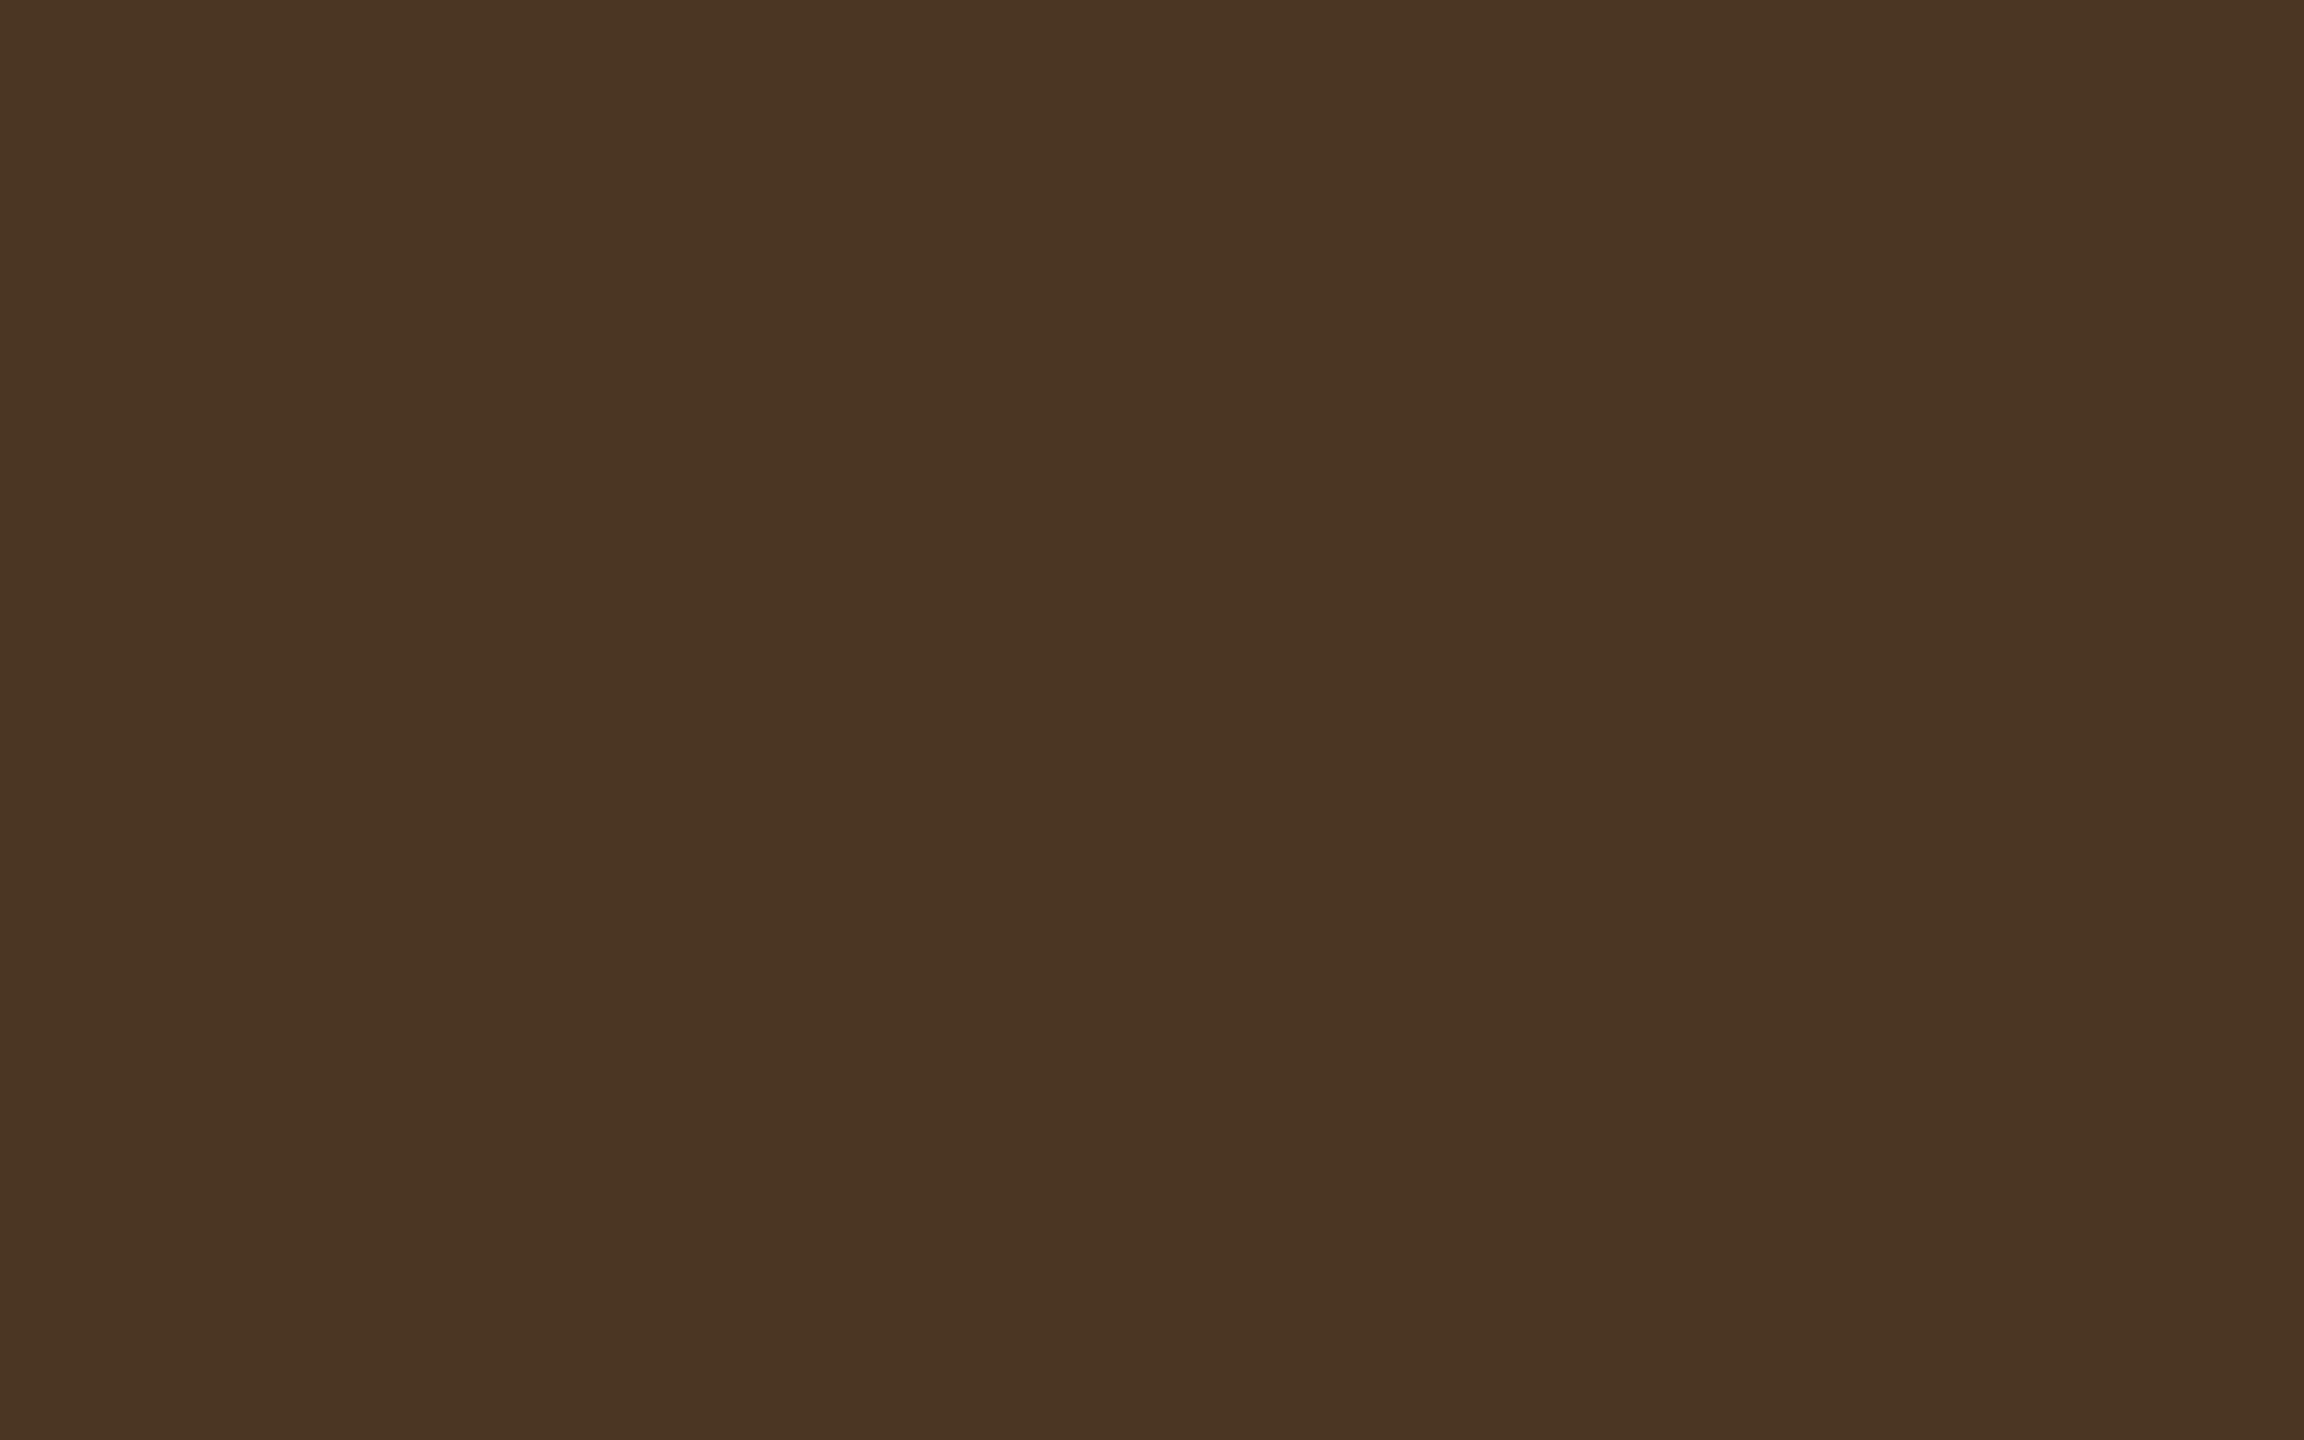 2304x1440 Cafe Noir Solid Color Background